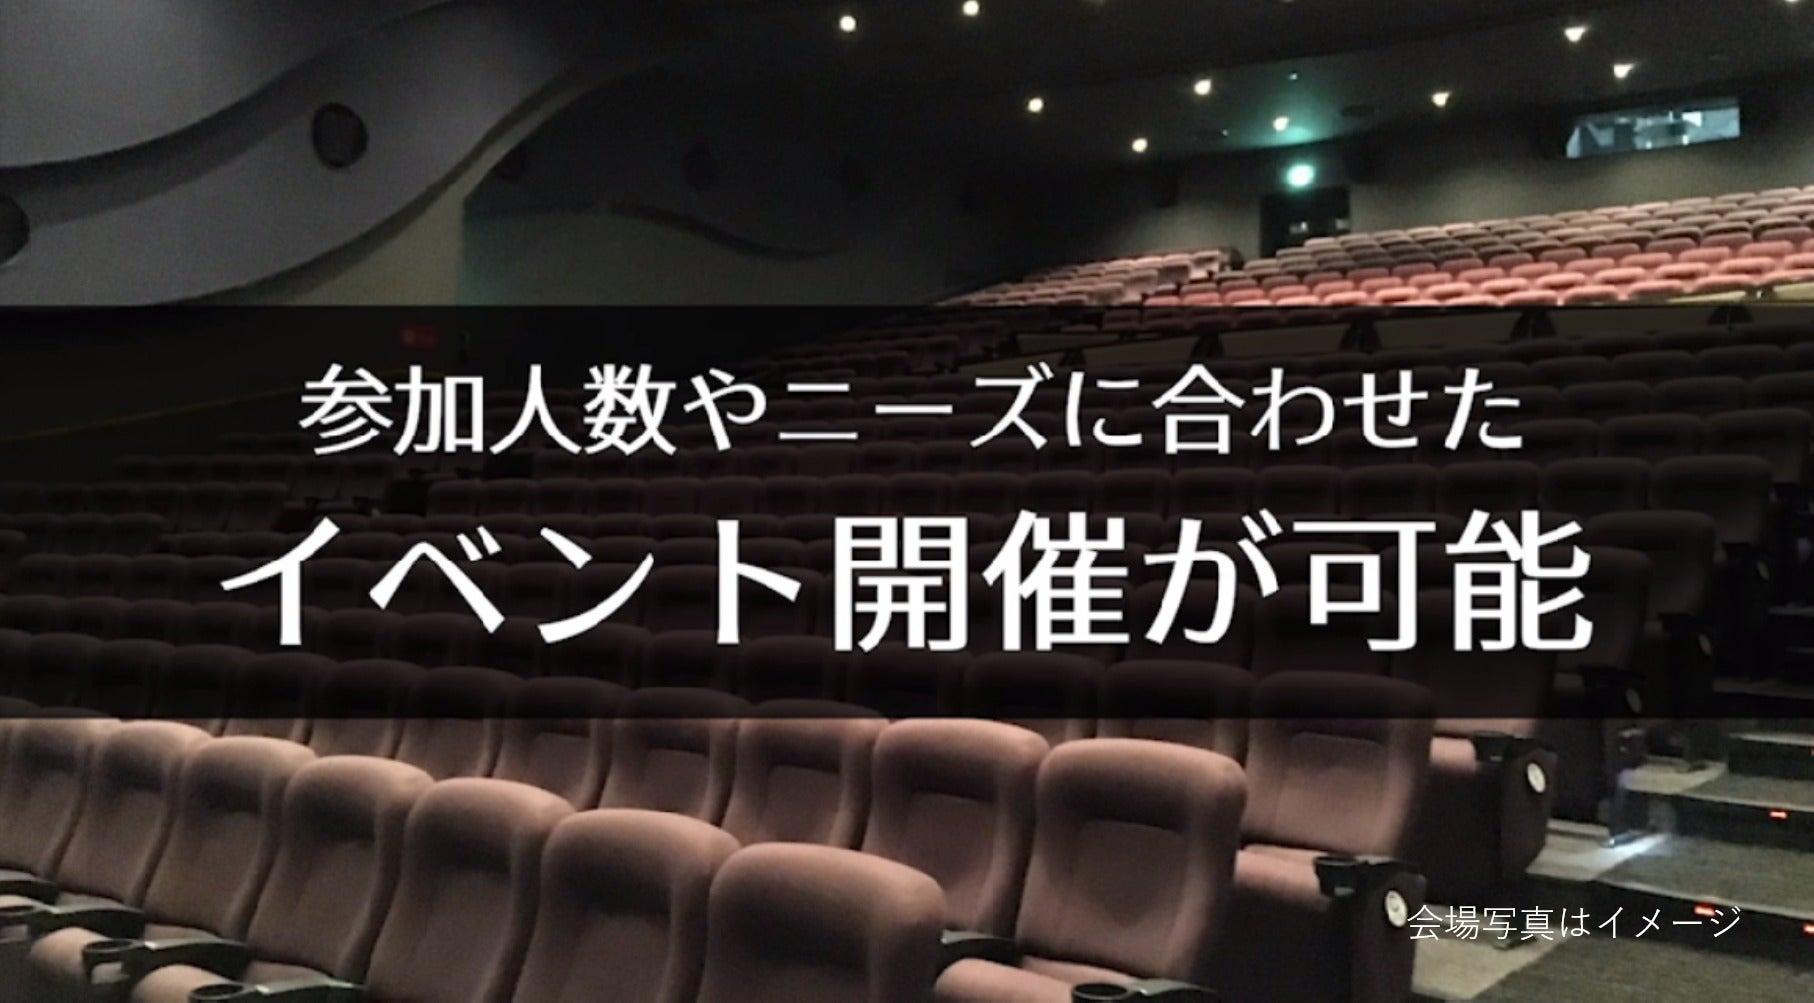 【としまえん 282席】映画館で、会社説明会、株主総会、講演会の企画はいかがですか?(ユナイテッド・シネマとしまえん) の写真0